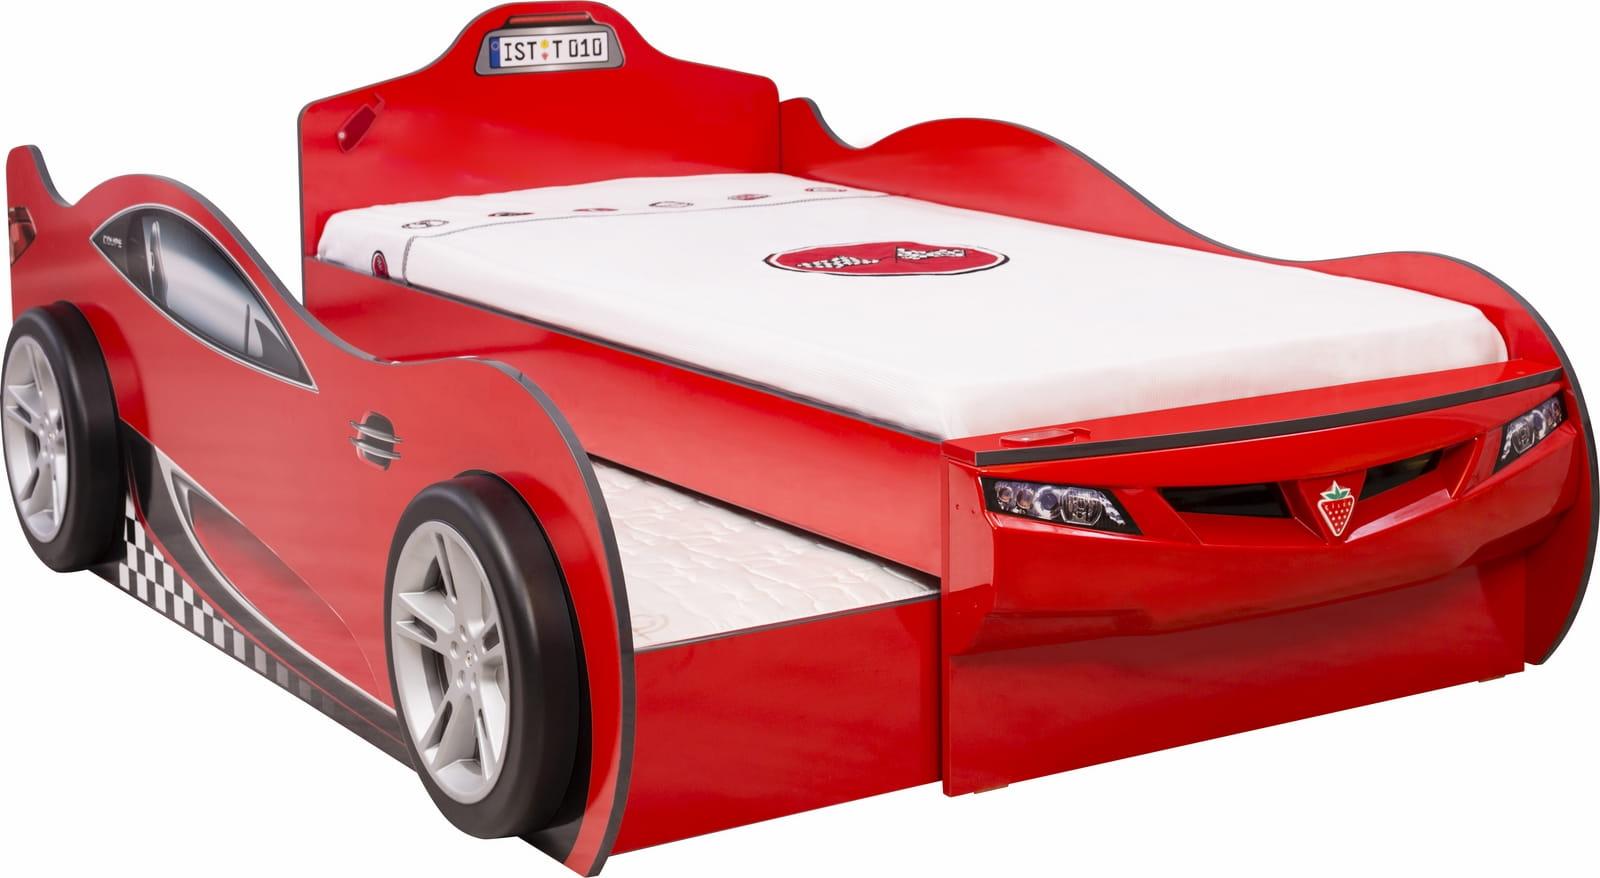 Groovy łóżko dziecięce podwójne spanie auto Cars Racer, meble systemowe HF89